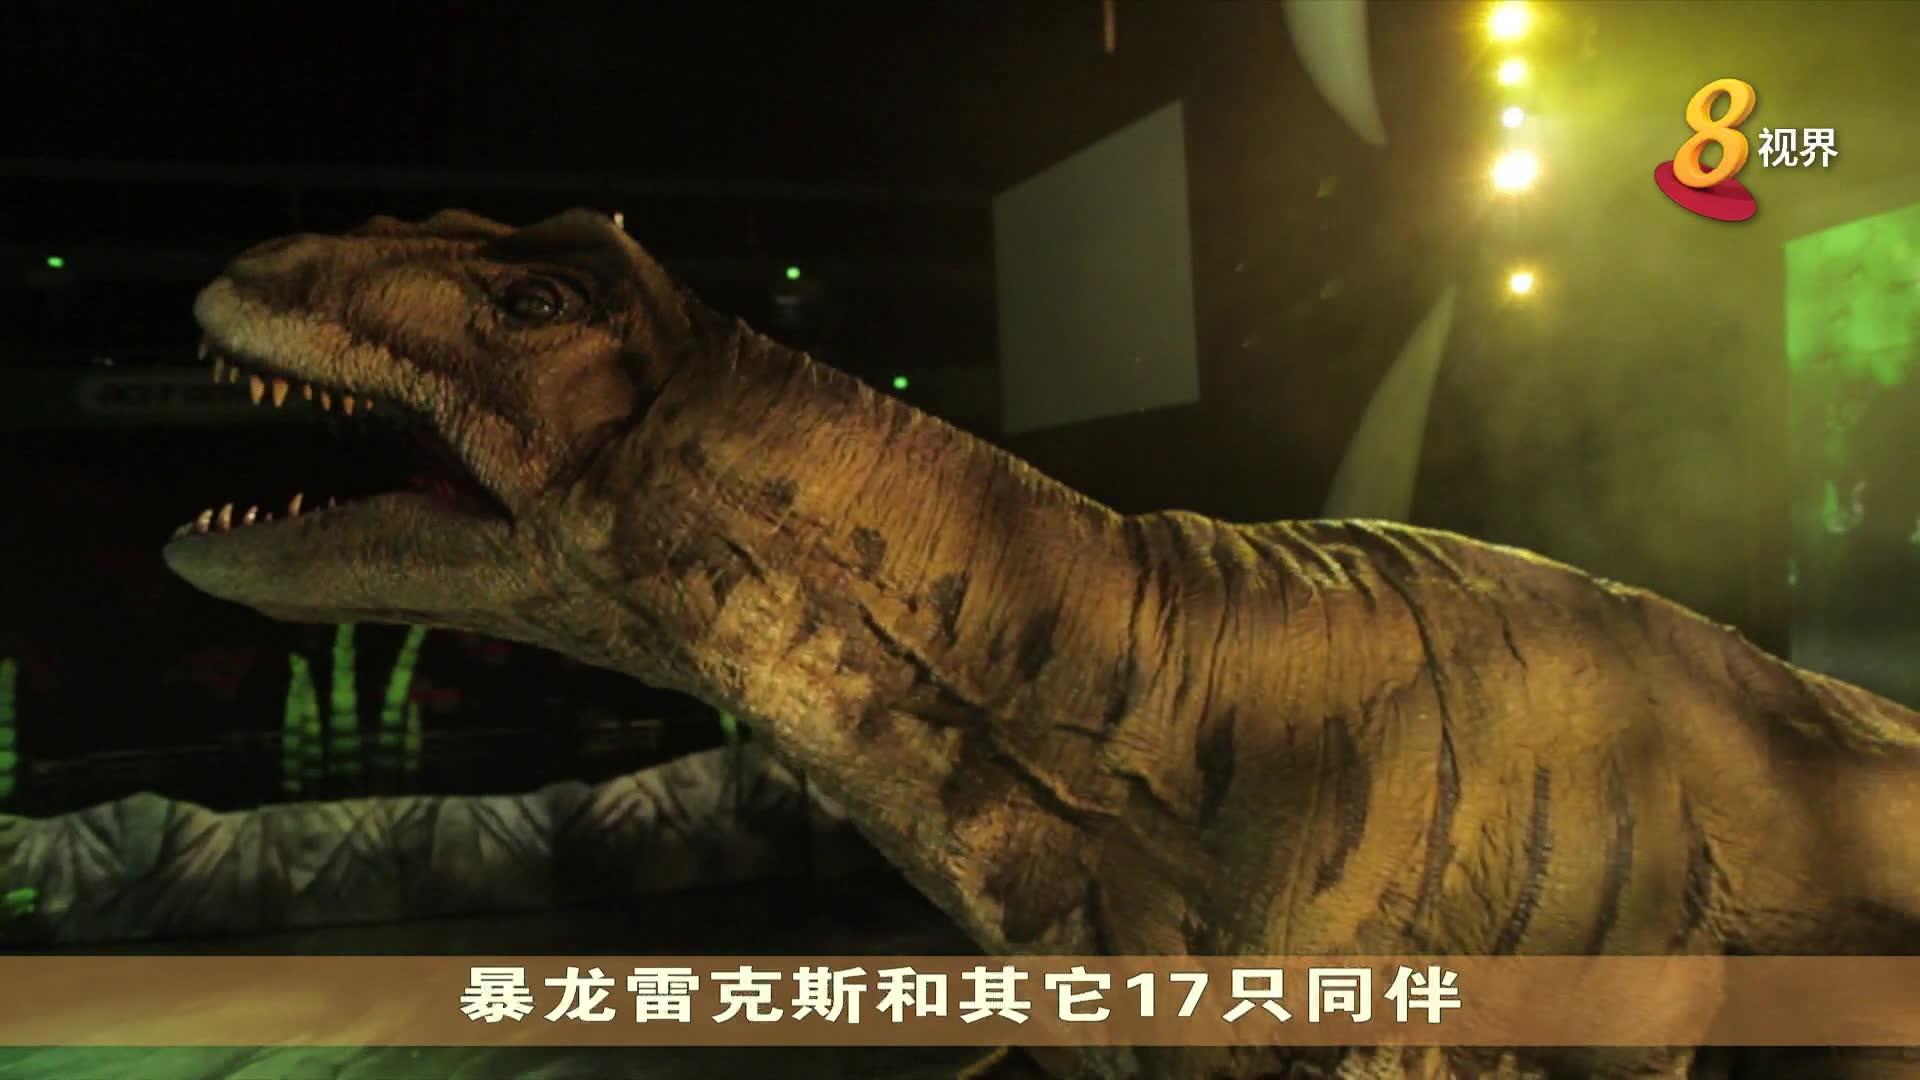 逼真恐龙月底占领室内体育馆 带来震撼表演